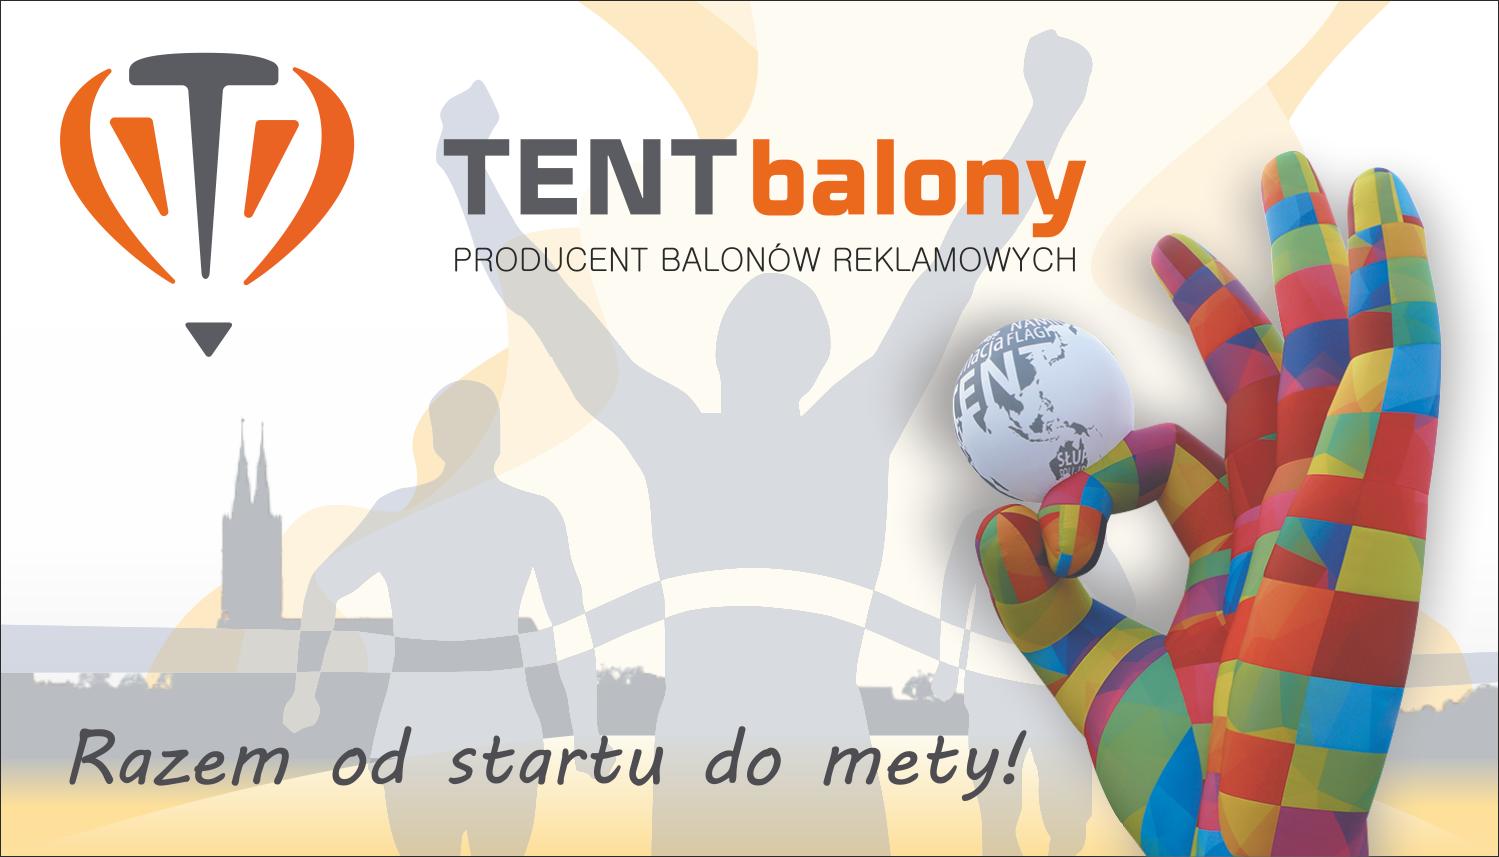 Tent Balony będzie z nami 10 lutego